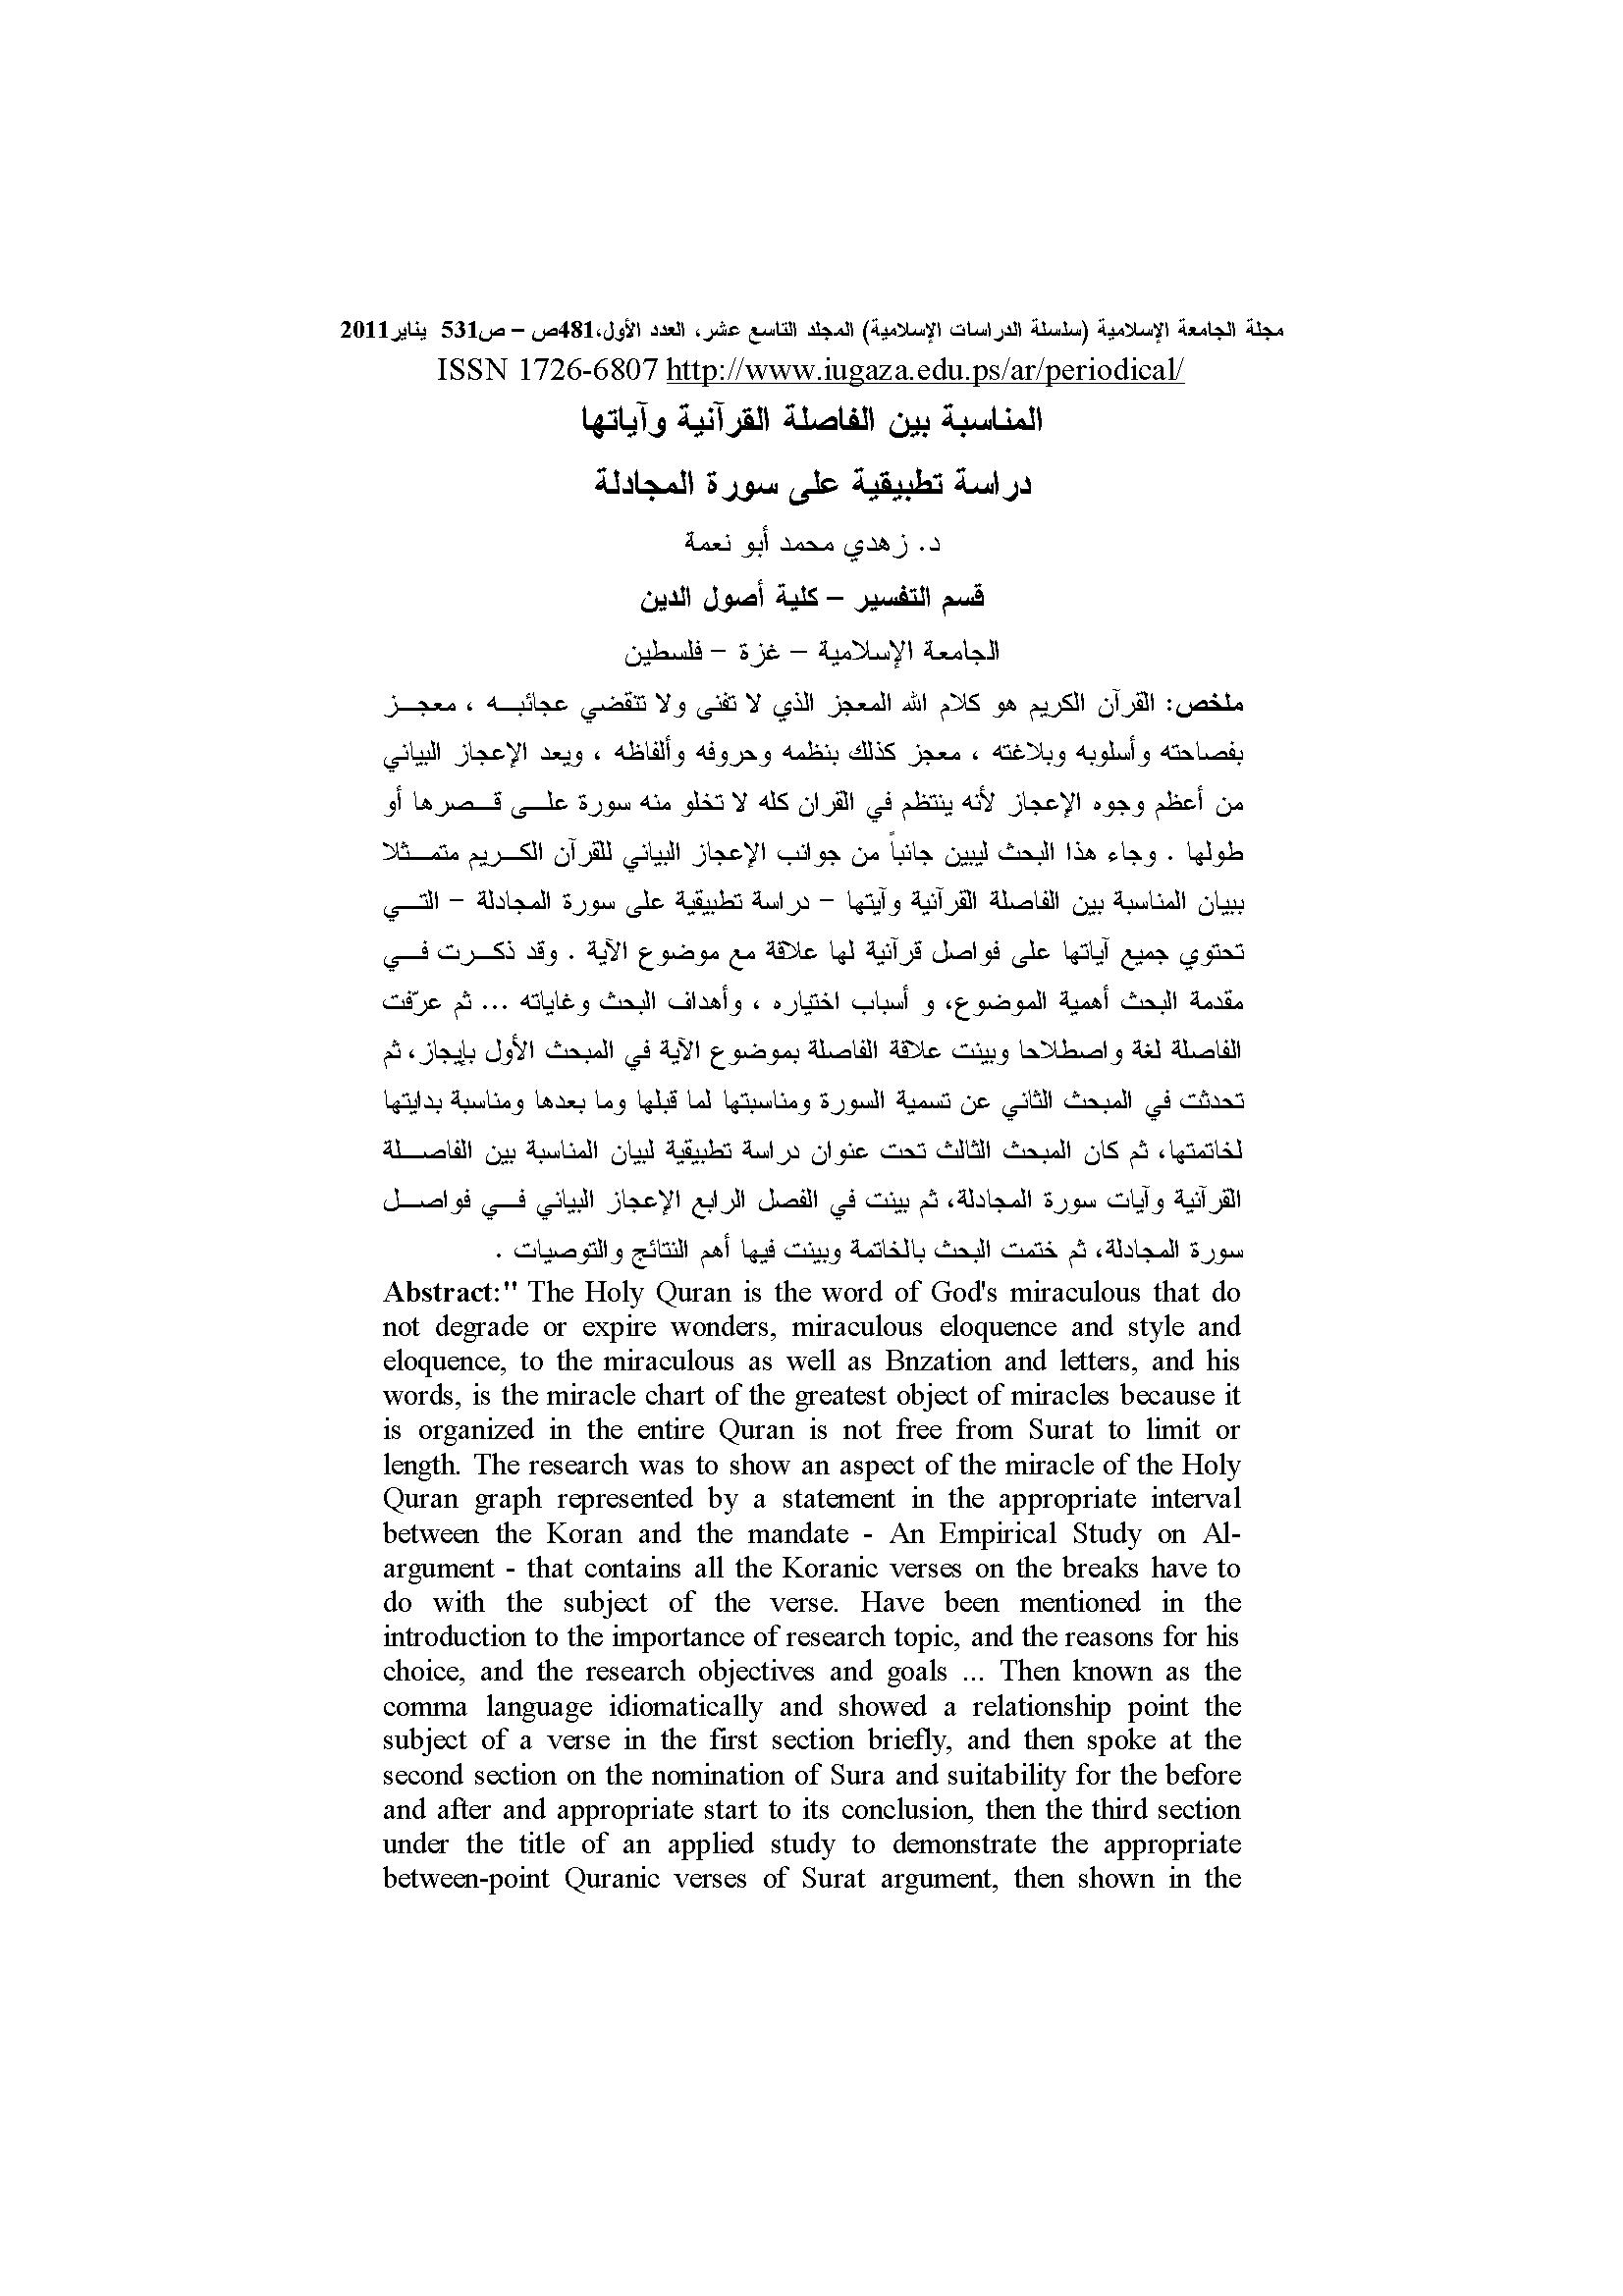 تحميل كتاب المناسبة بين الفاصلة القرآنية وآياتها (دراسة تطبيقية على سورة المجادلة) لـِ: الدكتور زهدي محمد مطر أبو نعمة